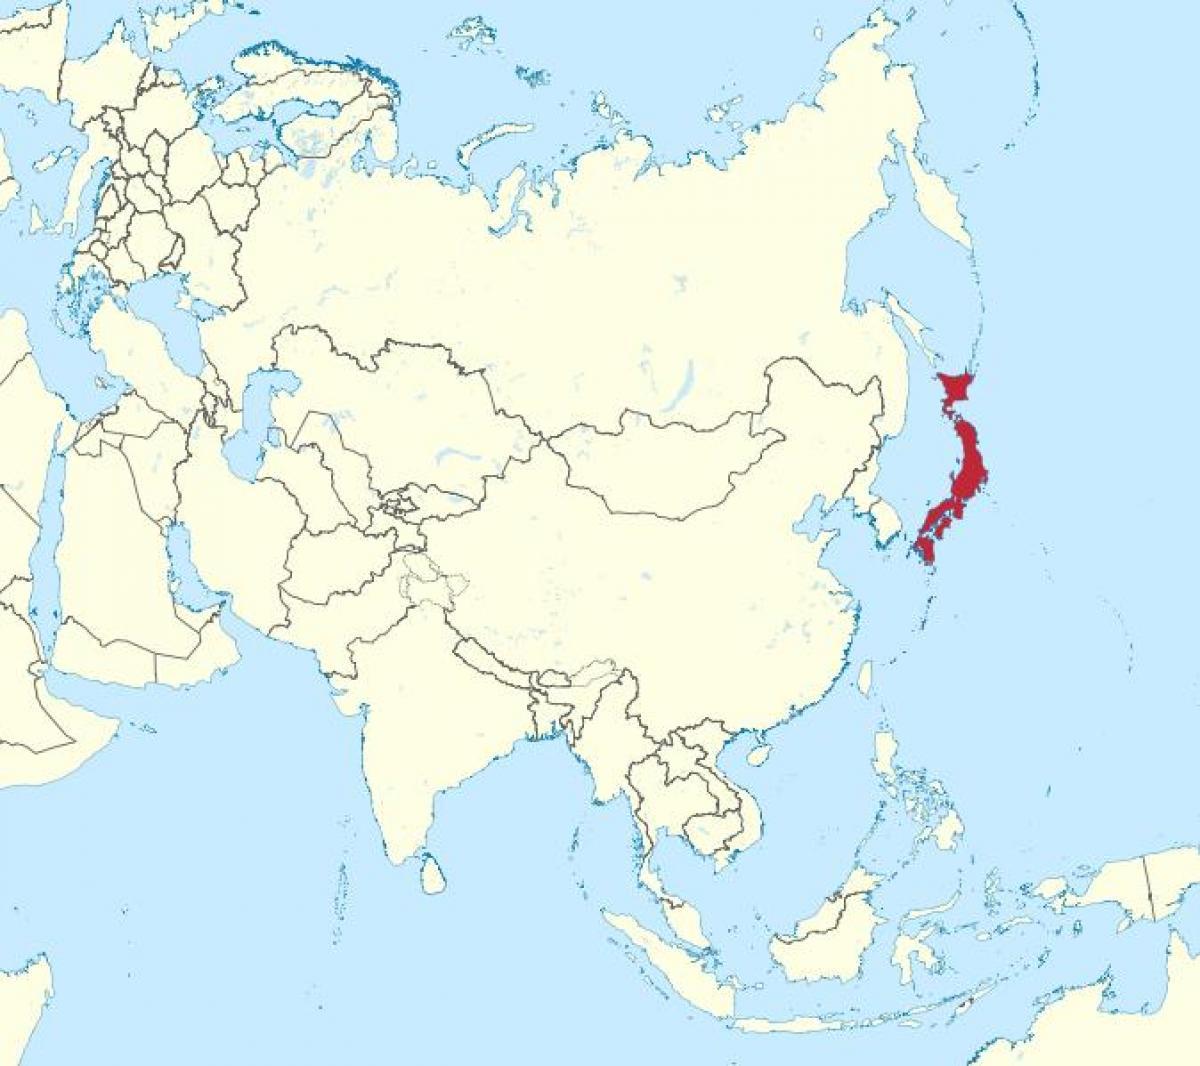 Kartta Aasia Japani Japani Aasian Kartta Ita Aasia Aasia